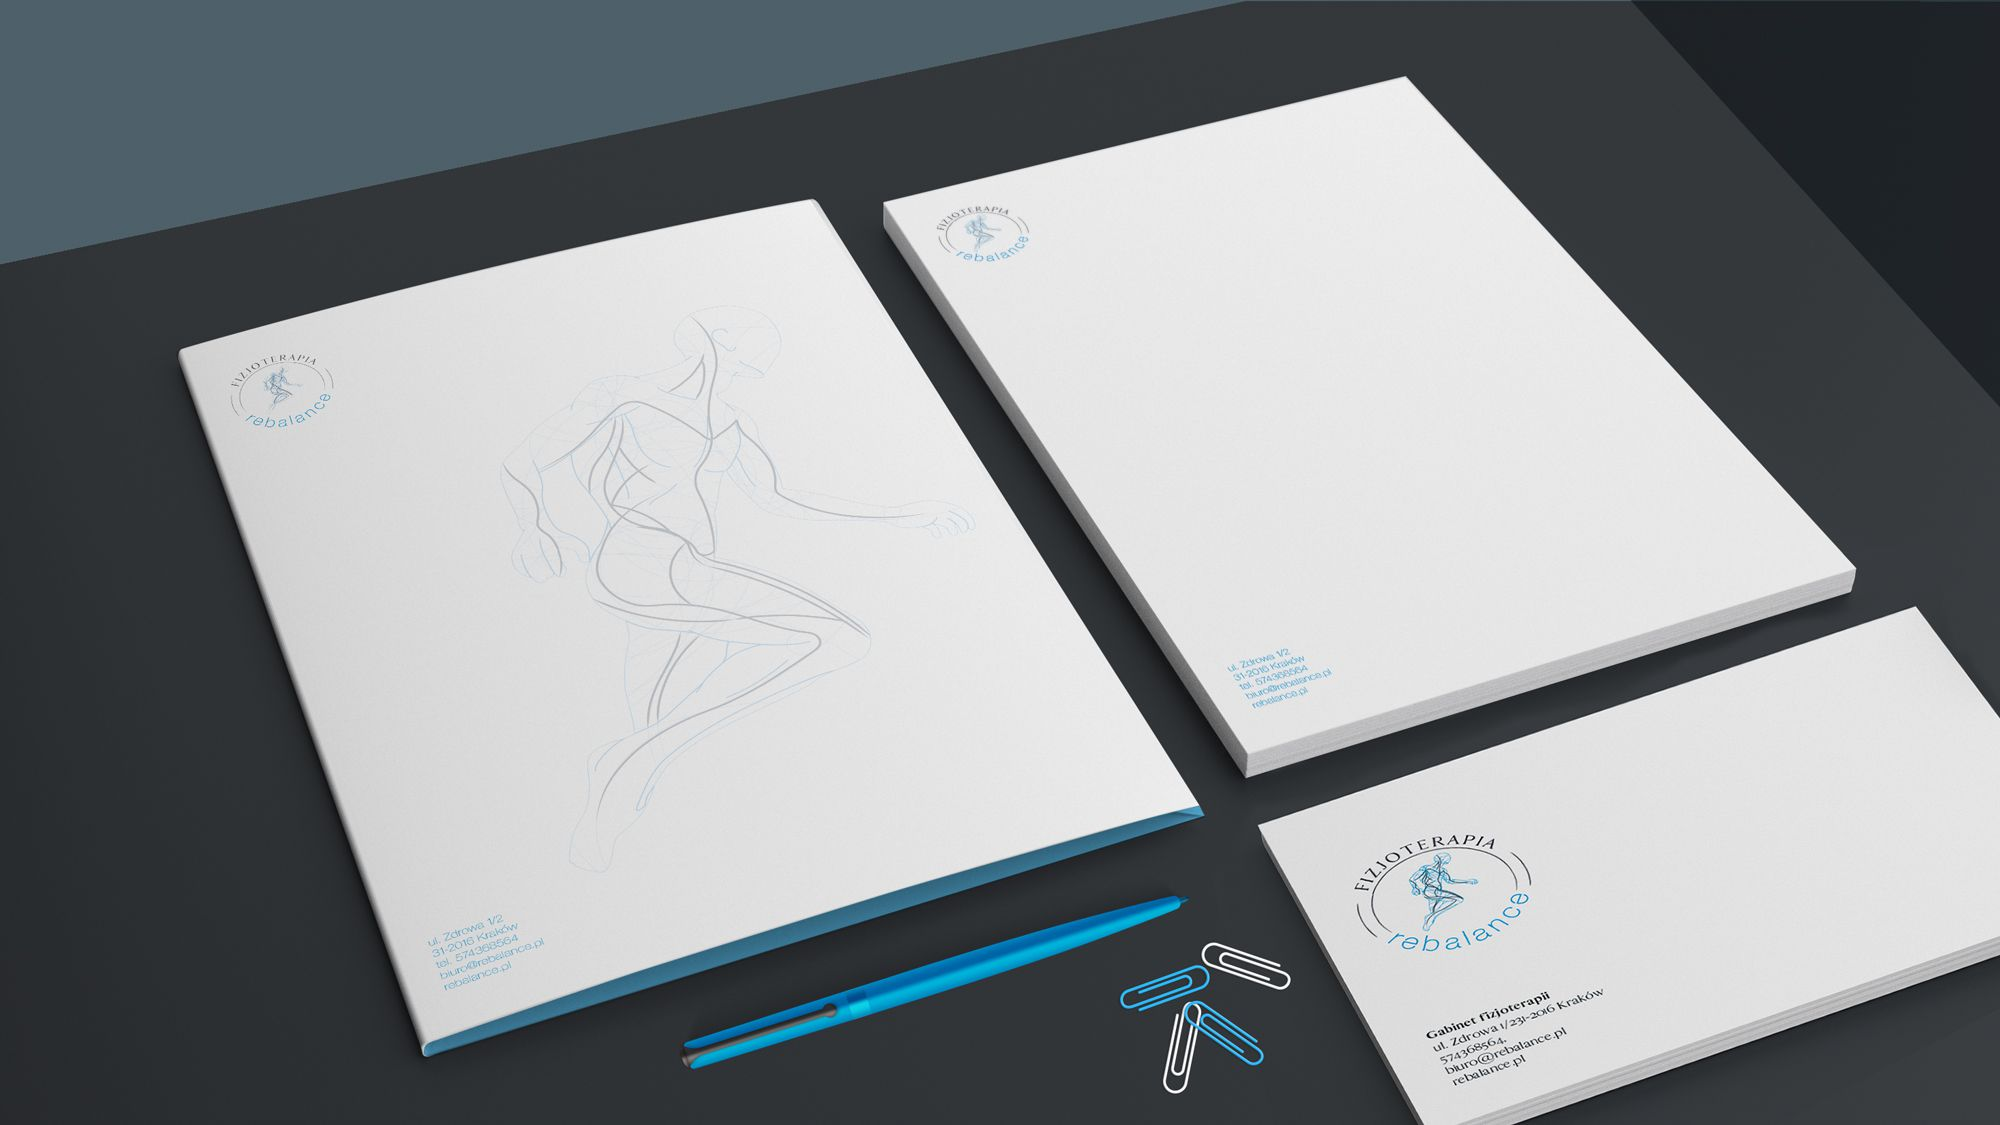 Logo, papier firmowy, materiały reklamowe dla Rebalance